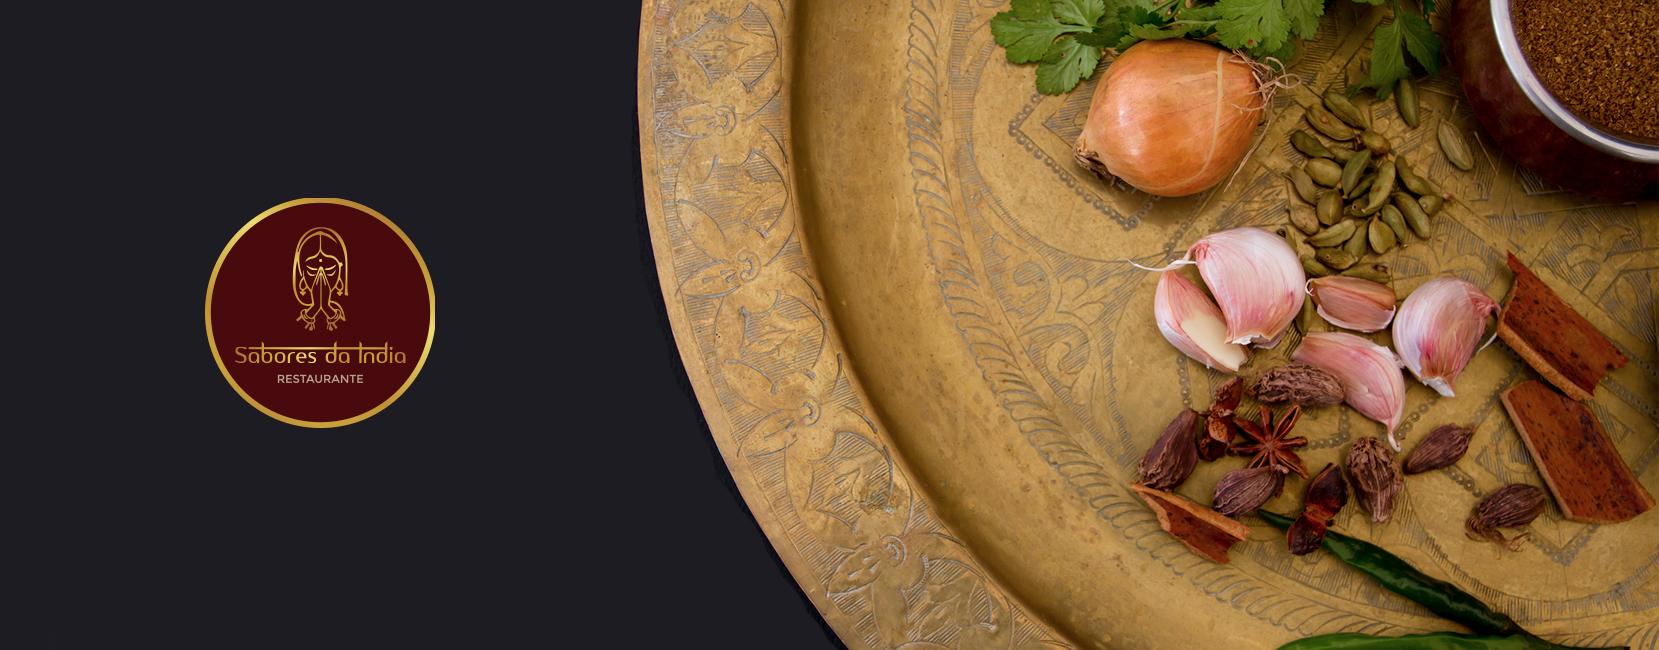 Branding | Restaurante Sabores da Índia